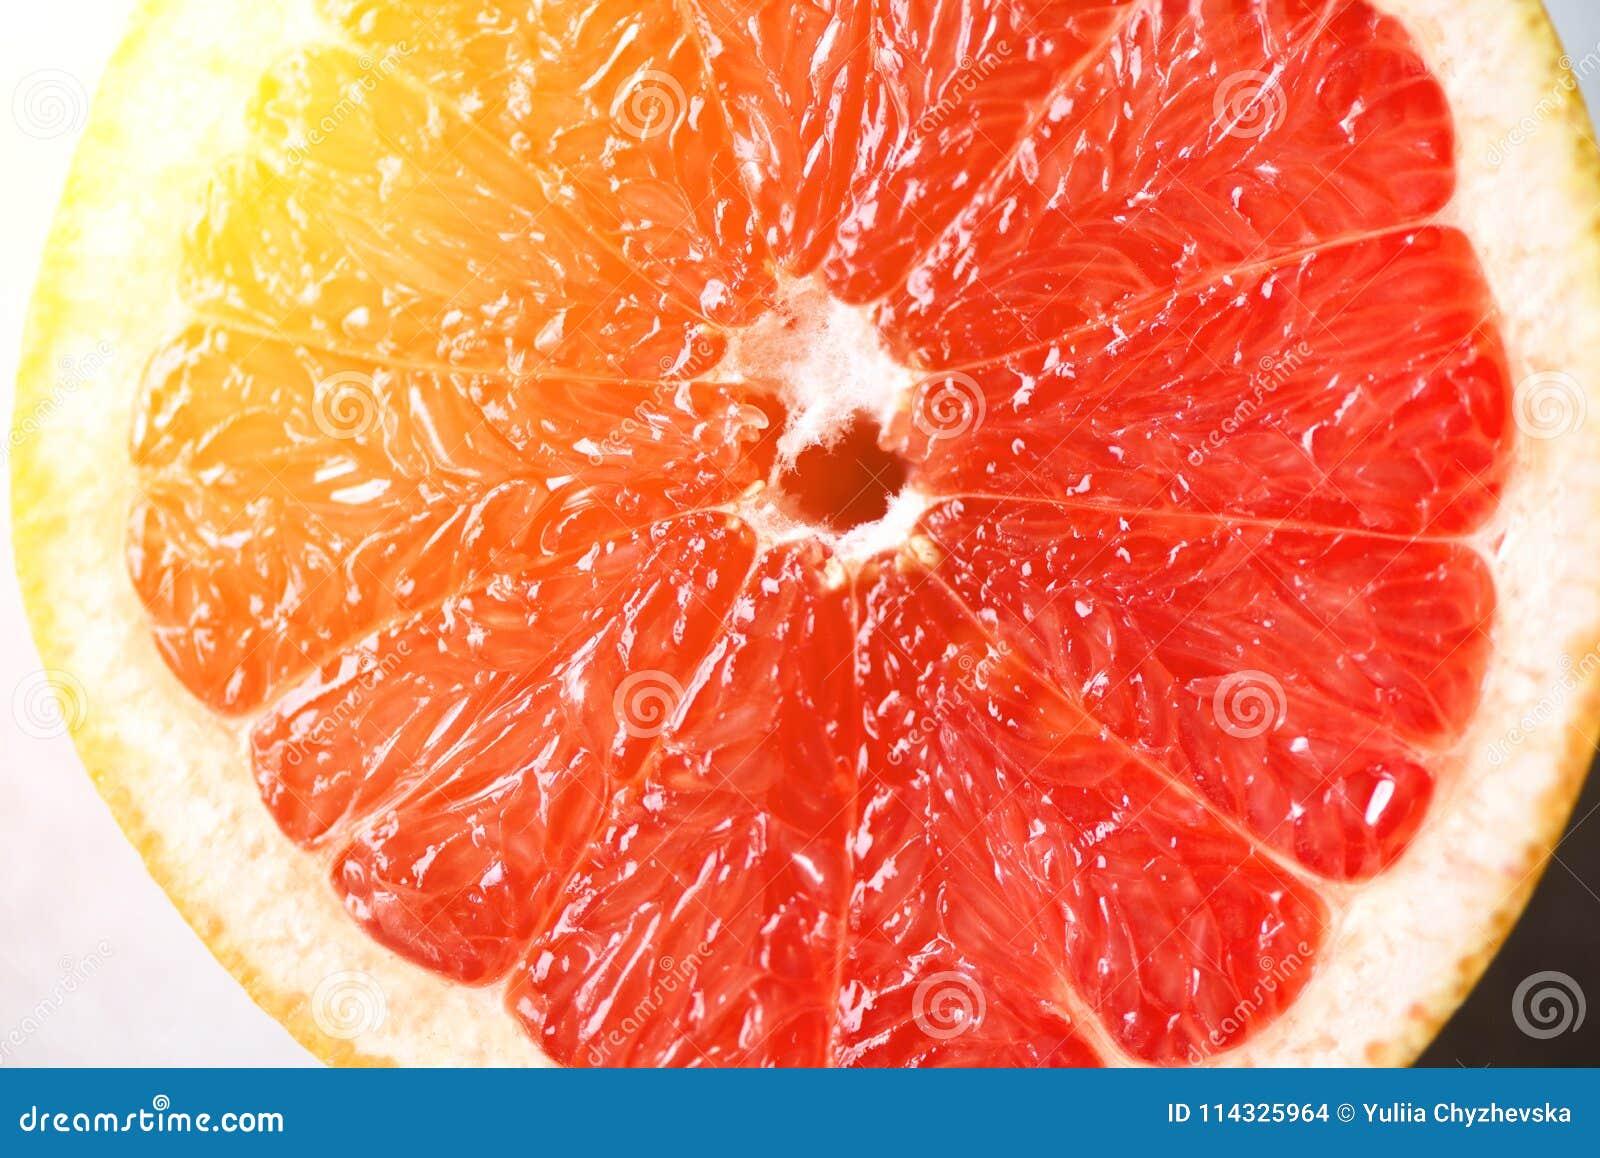 Pampelmuse geschnittene Hälfte auf grauem Hintergrund Zitrusfrucht-Makro Kopieren Sie Raum, Draufsicht Sommerlebensmittelkonzept